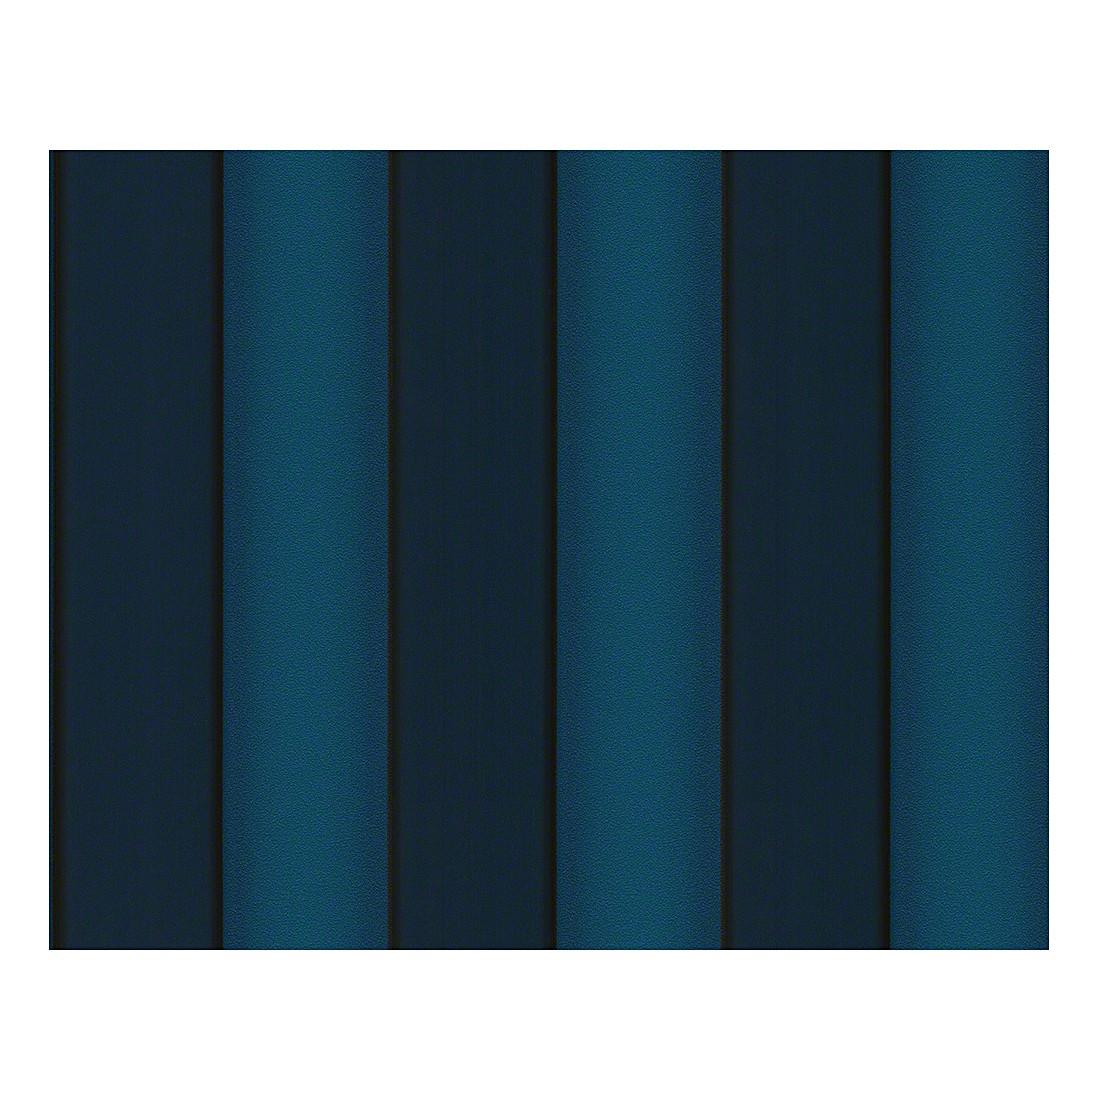 Tapete Herald – grünblau – azurblau – schwarz – metallic – strukturiert – fein strukturiert – Modell 2, VERSACE Home günstig bestellen